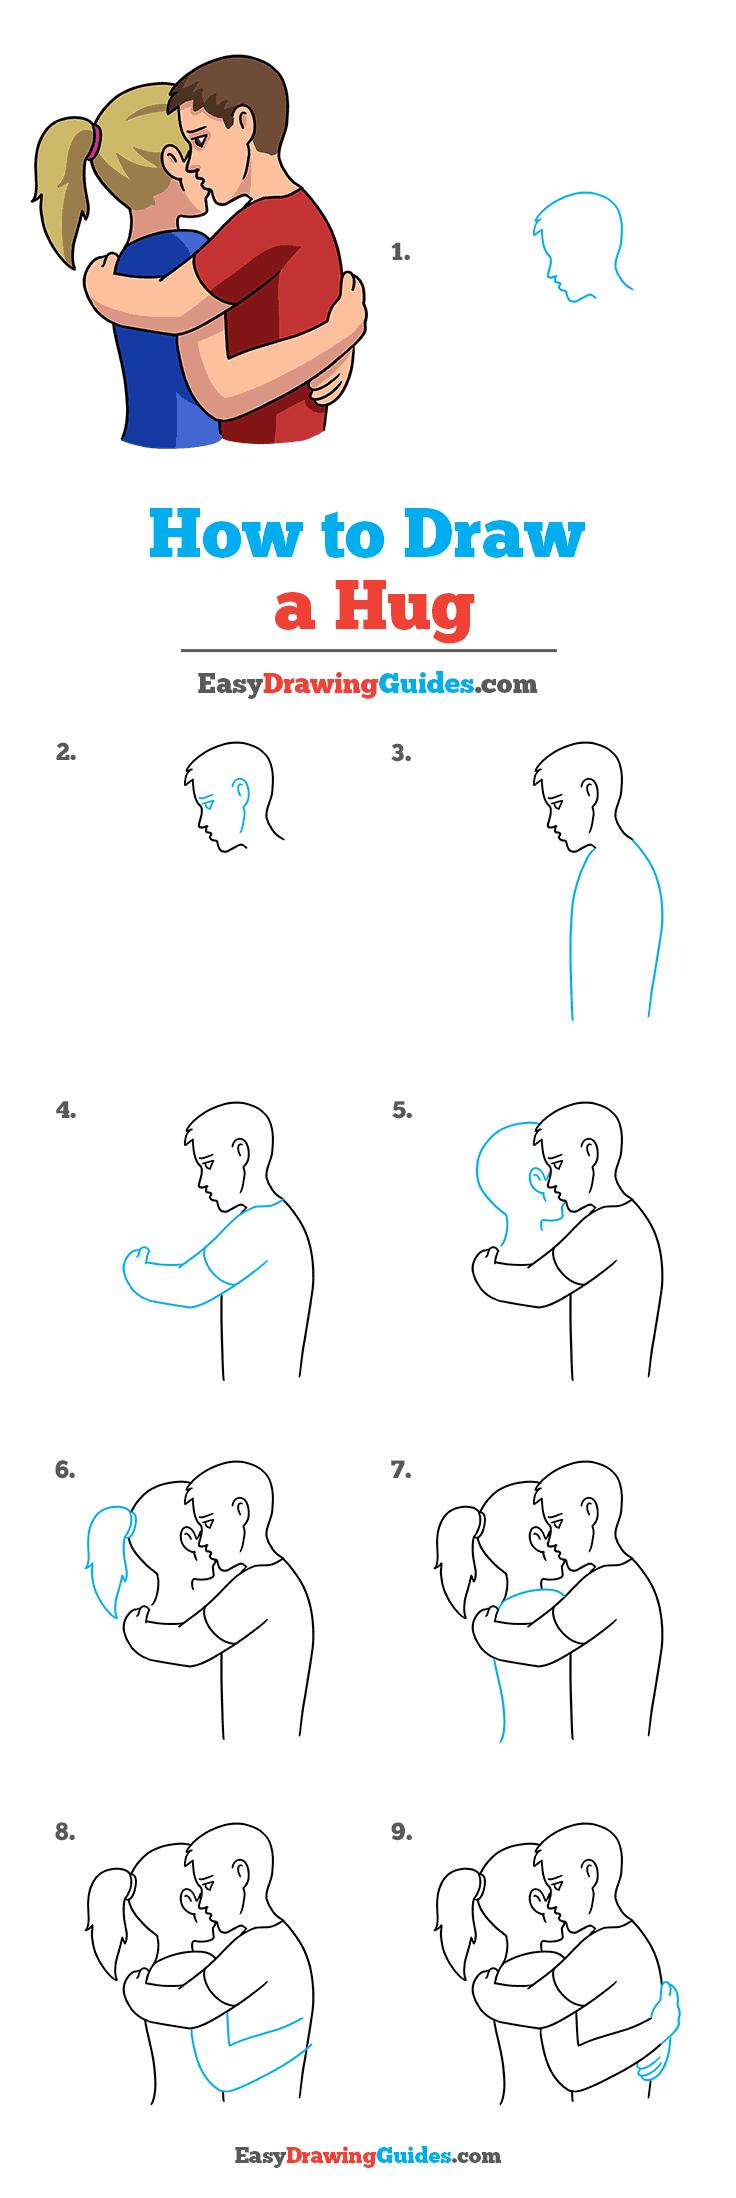 How to Draw Hug